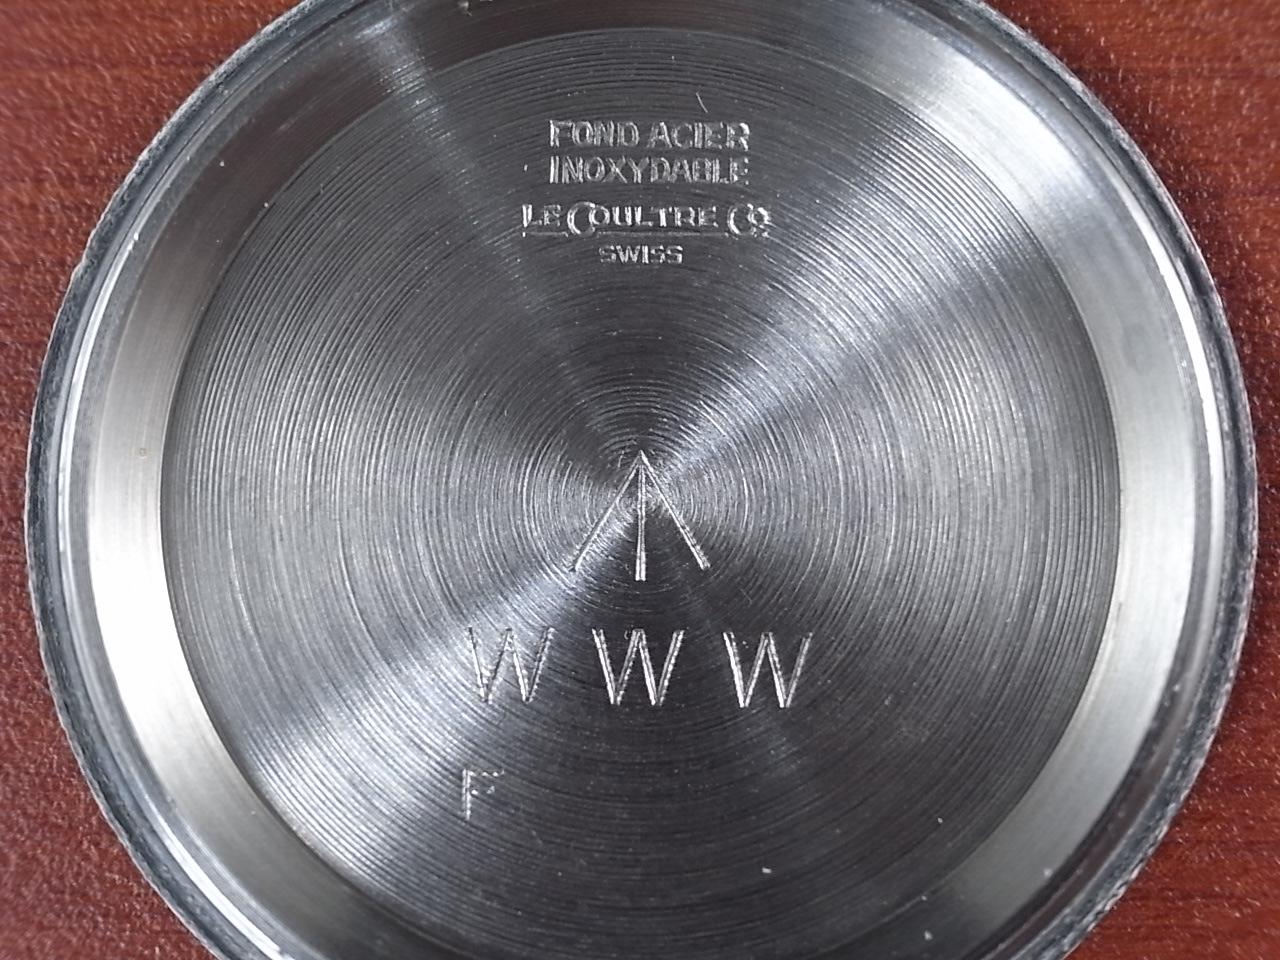 ジャガー・ルクルト ミリタリー 英陸軍 W.W.W. 未支給品 1940年代の写真6枚目